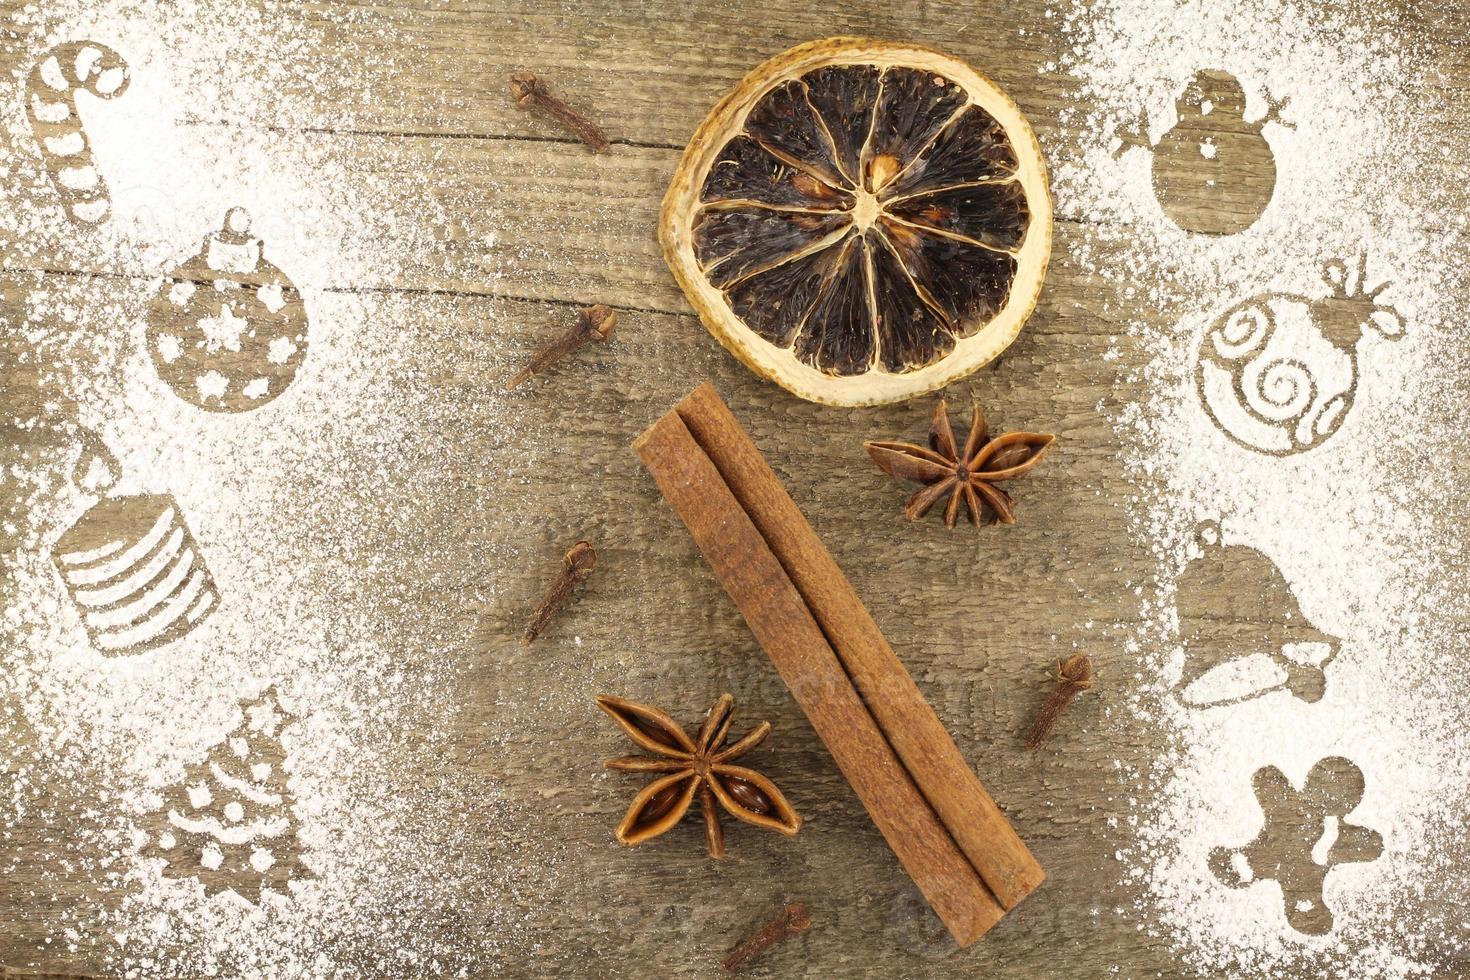 décorations de Noël au pochoir photo